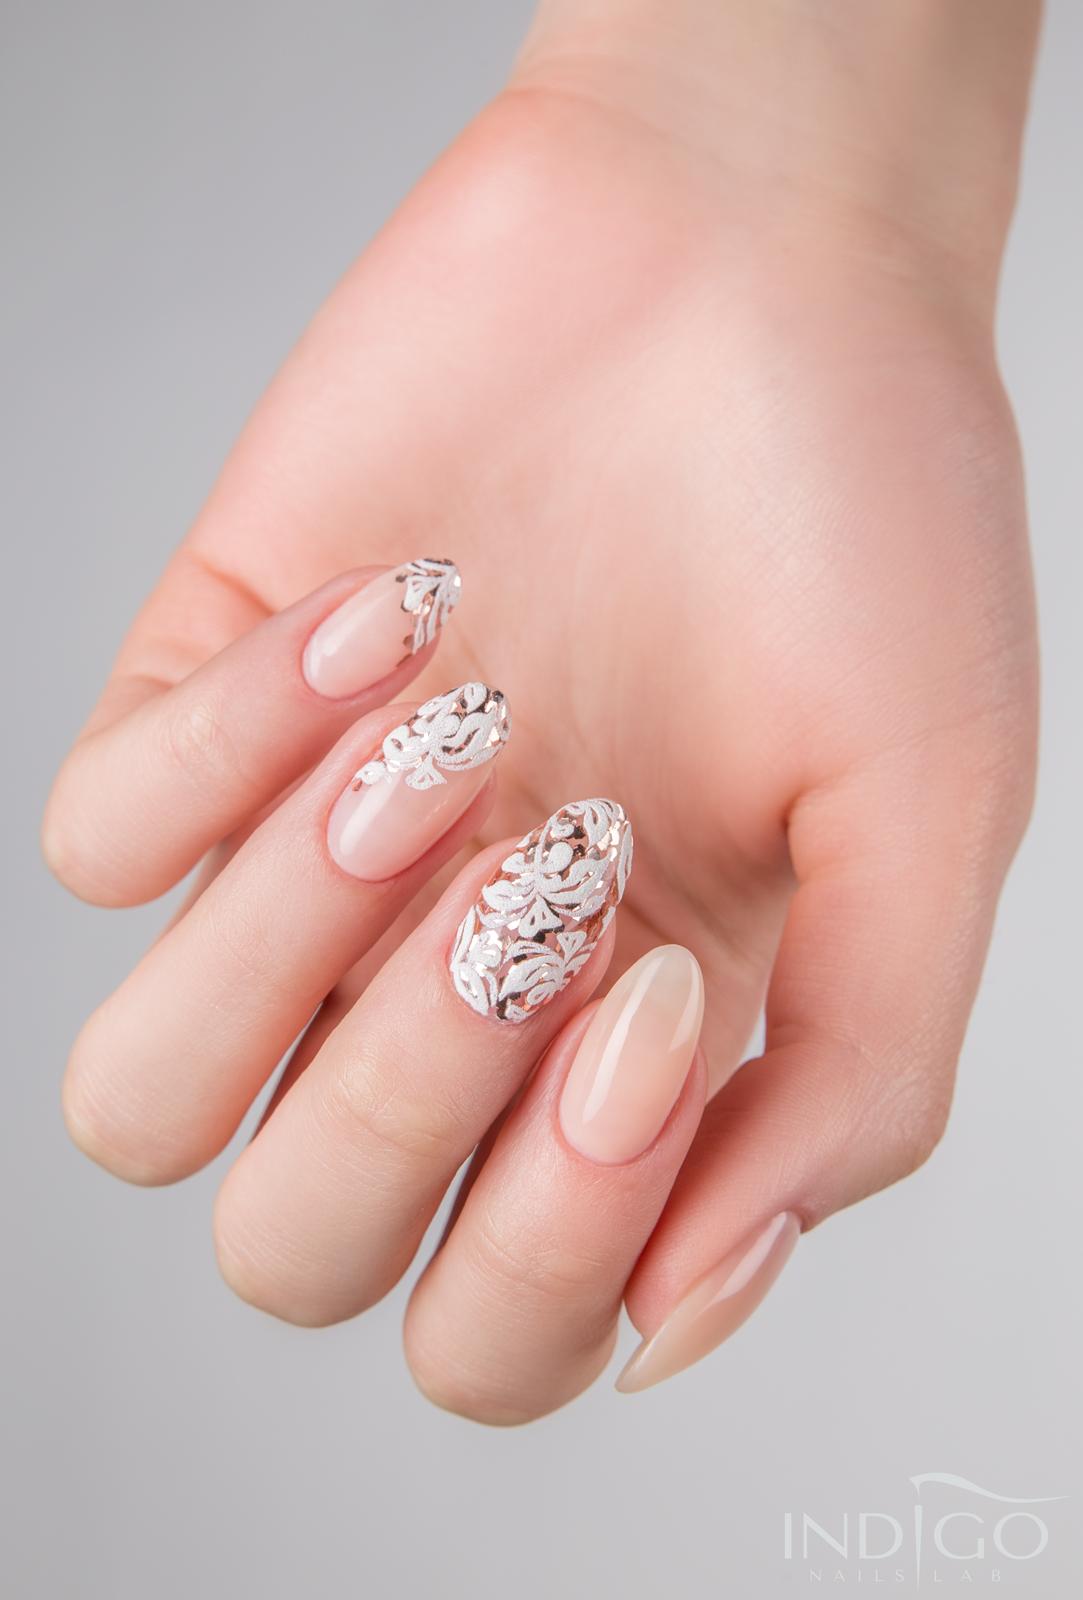 Rose gold floral nails